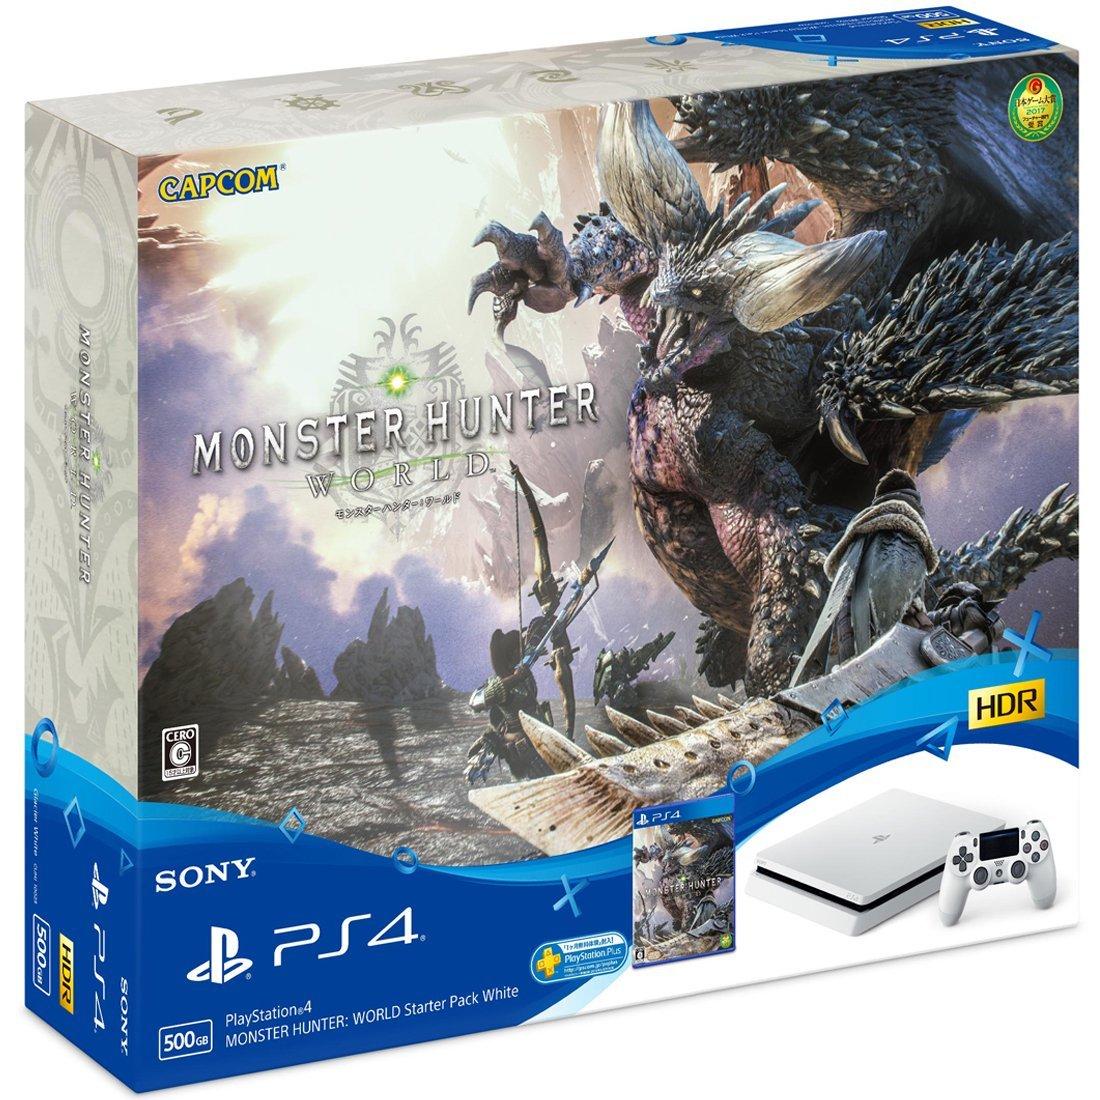 【あす楽】1/26発売 PlayStation 4 MONSTER HUNTER: WORLD Starter Pack White【白】(CUHJ-10023) ★PS4 プレステ4 モンハン モンスターハンター 4948872015493